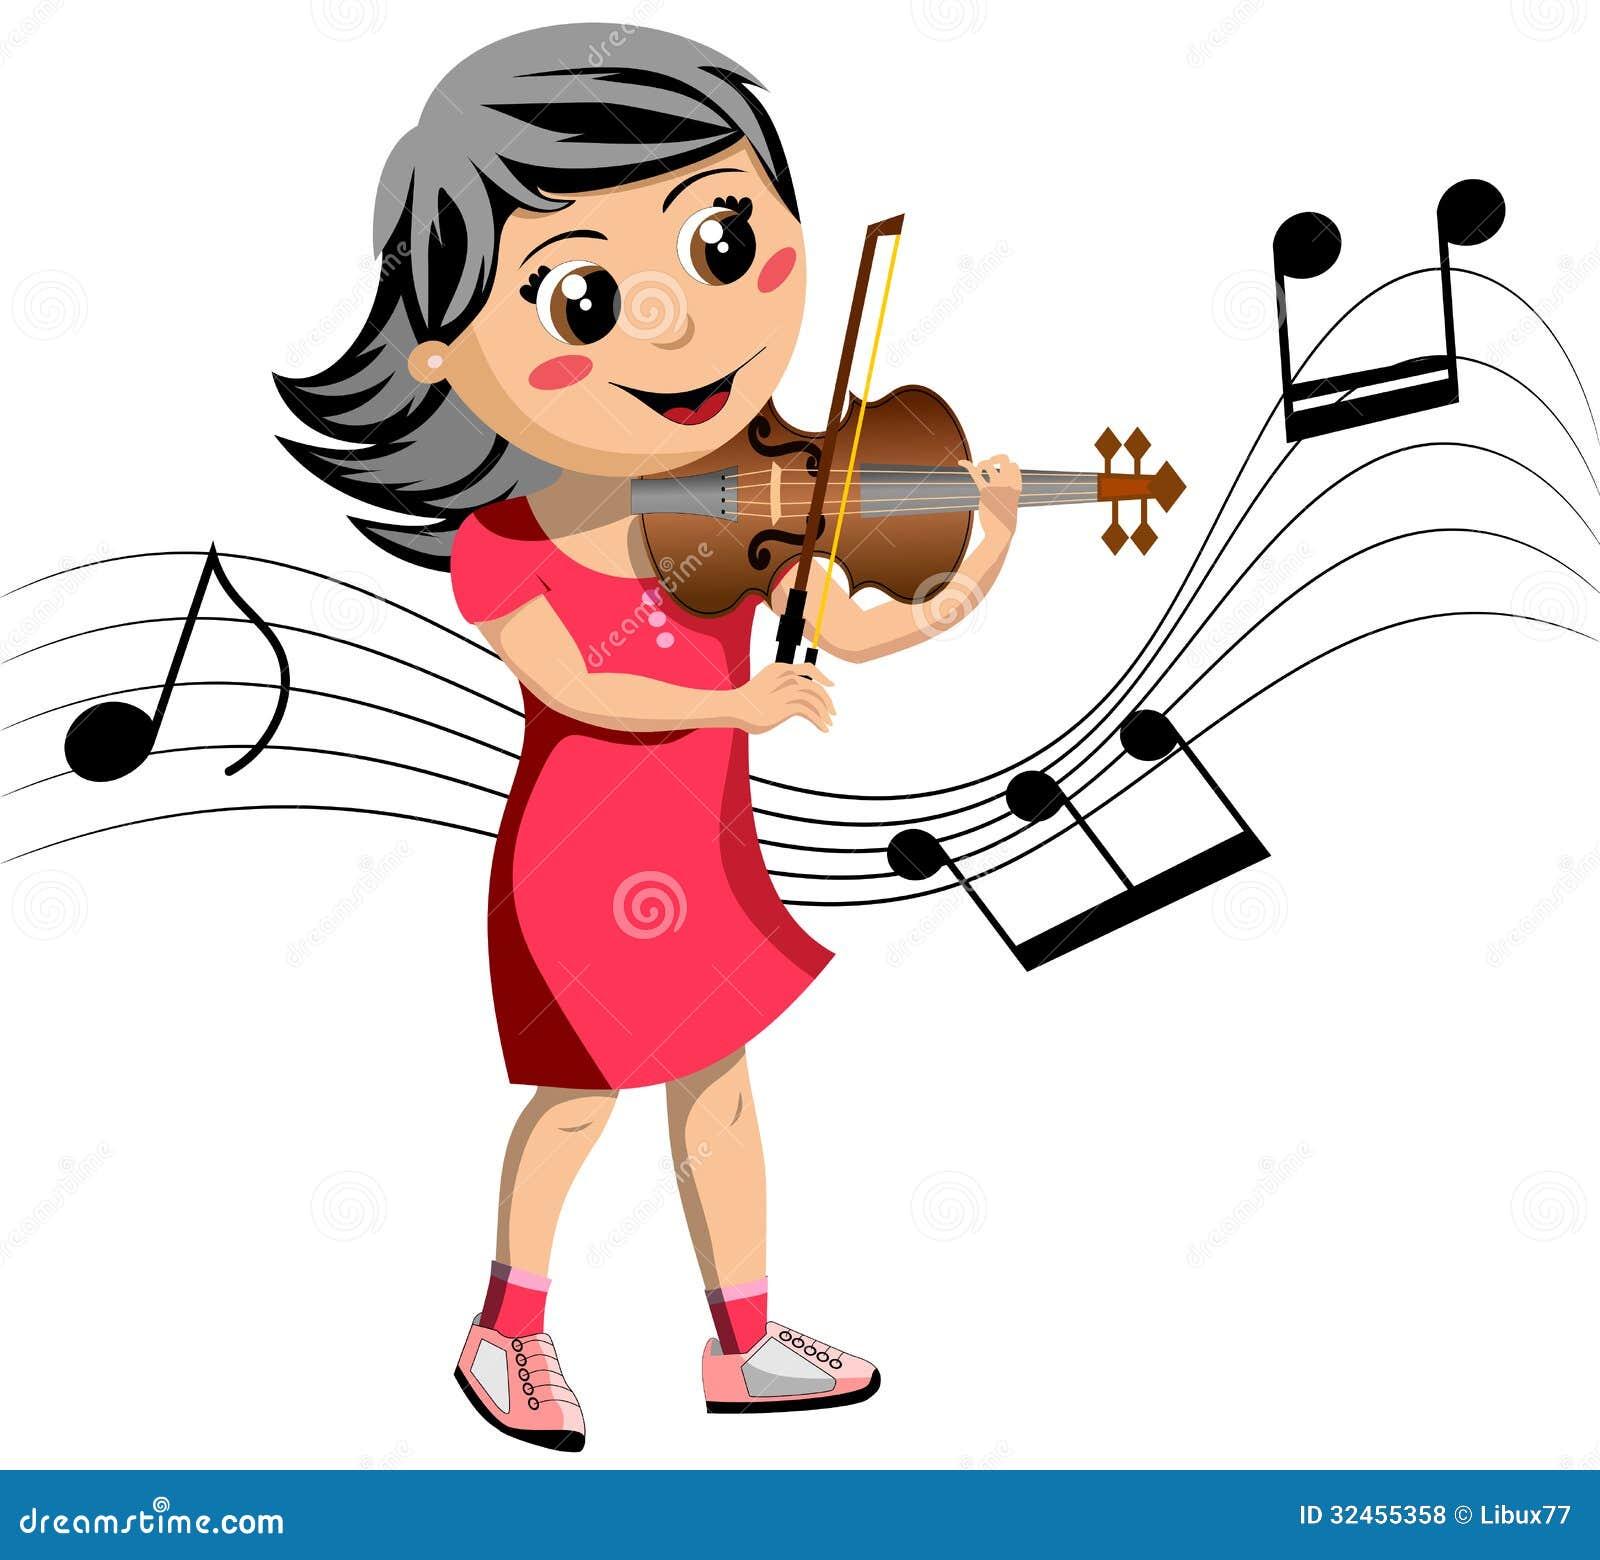 卡通小提琴拉弦图片展示图片